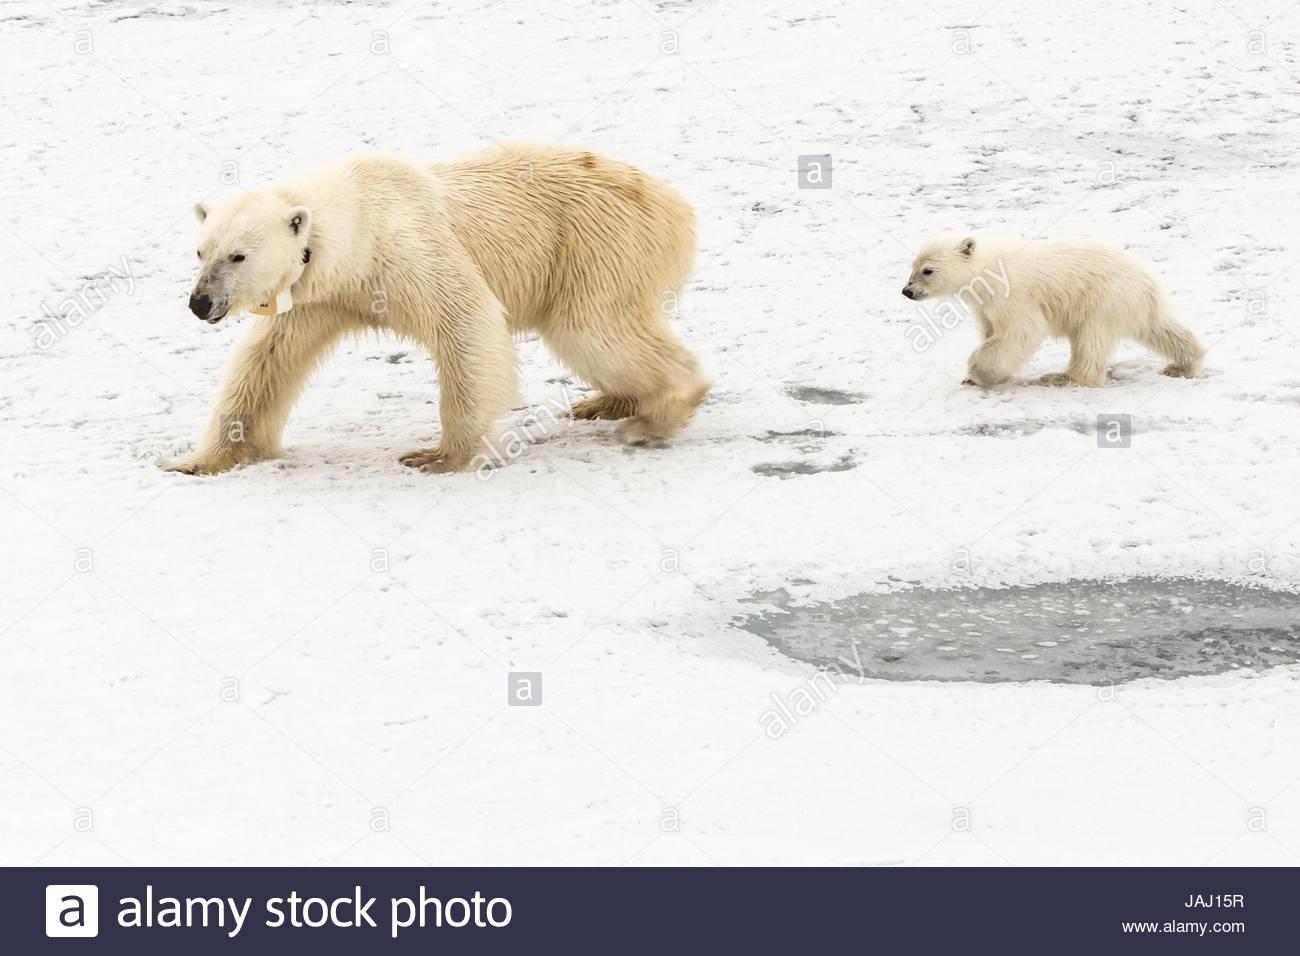 Ein Eisbär Ursus Maritimus und ihr junges. Die Bärenmutter trägt einen Radio tracking-Kragen. Stockbild